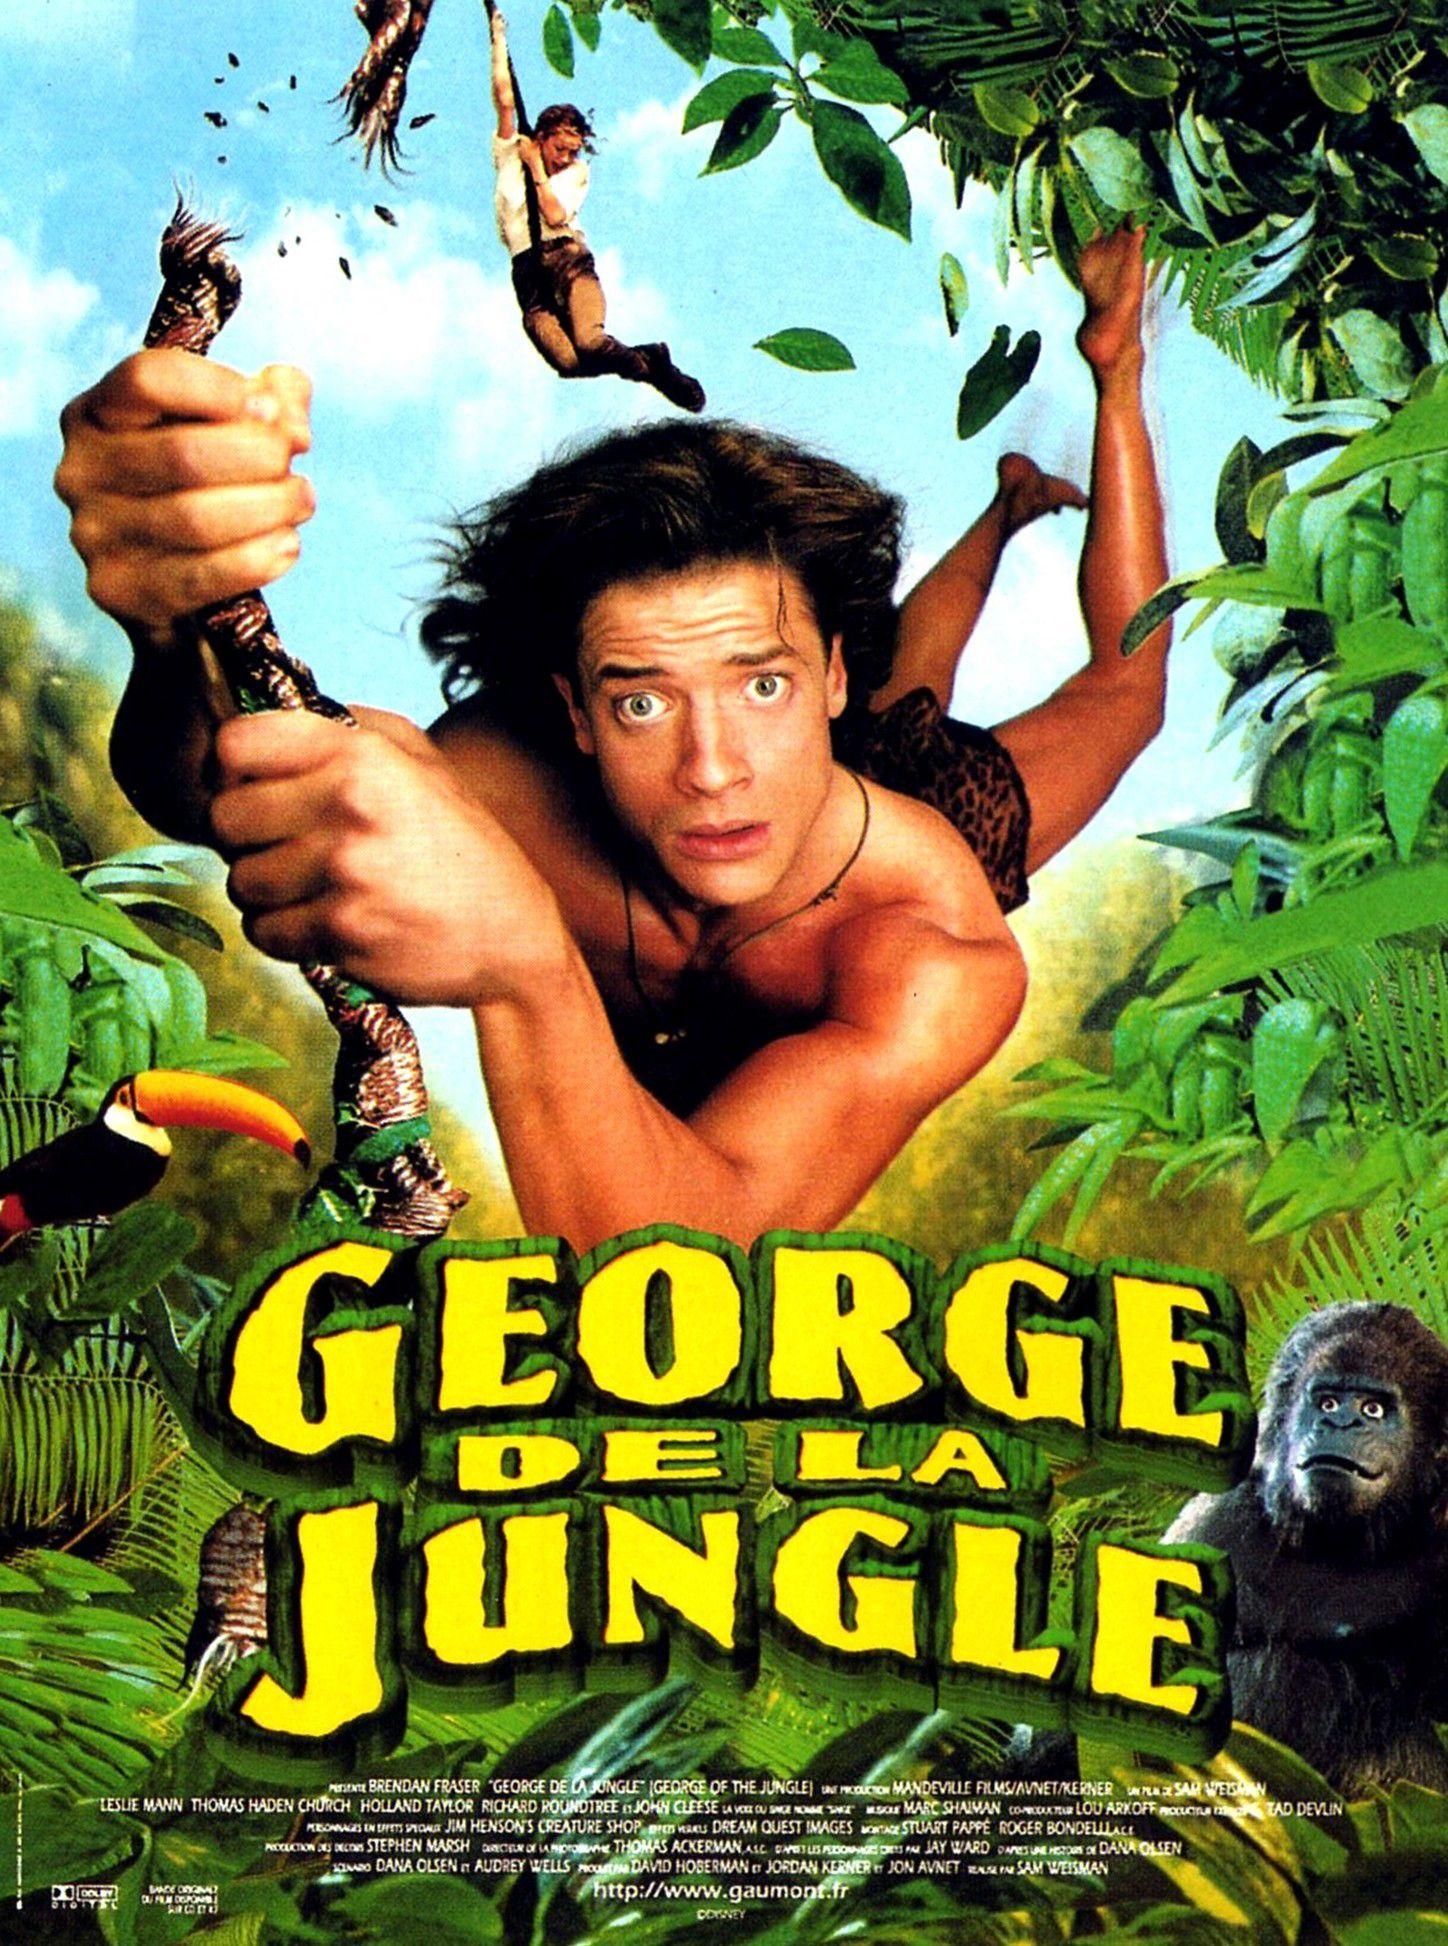 Telecharger le film George de la jungle gratuitement